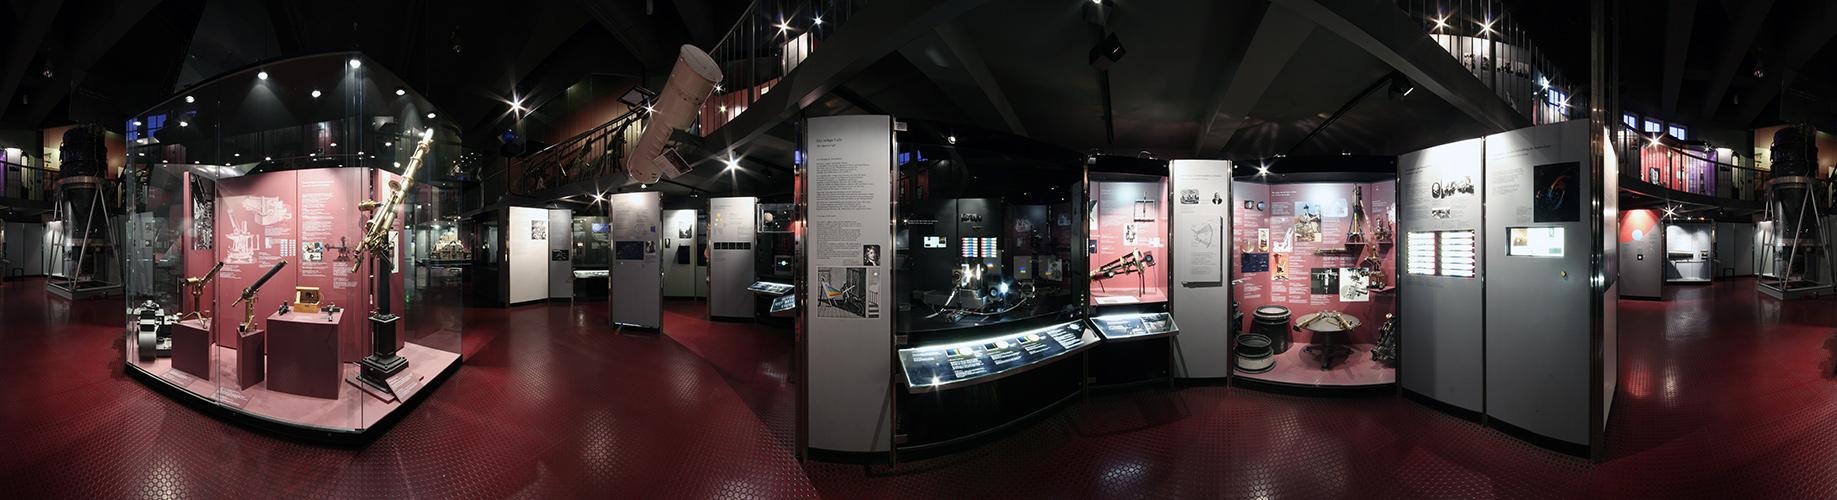 Deutsches Museum München - Astronomie